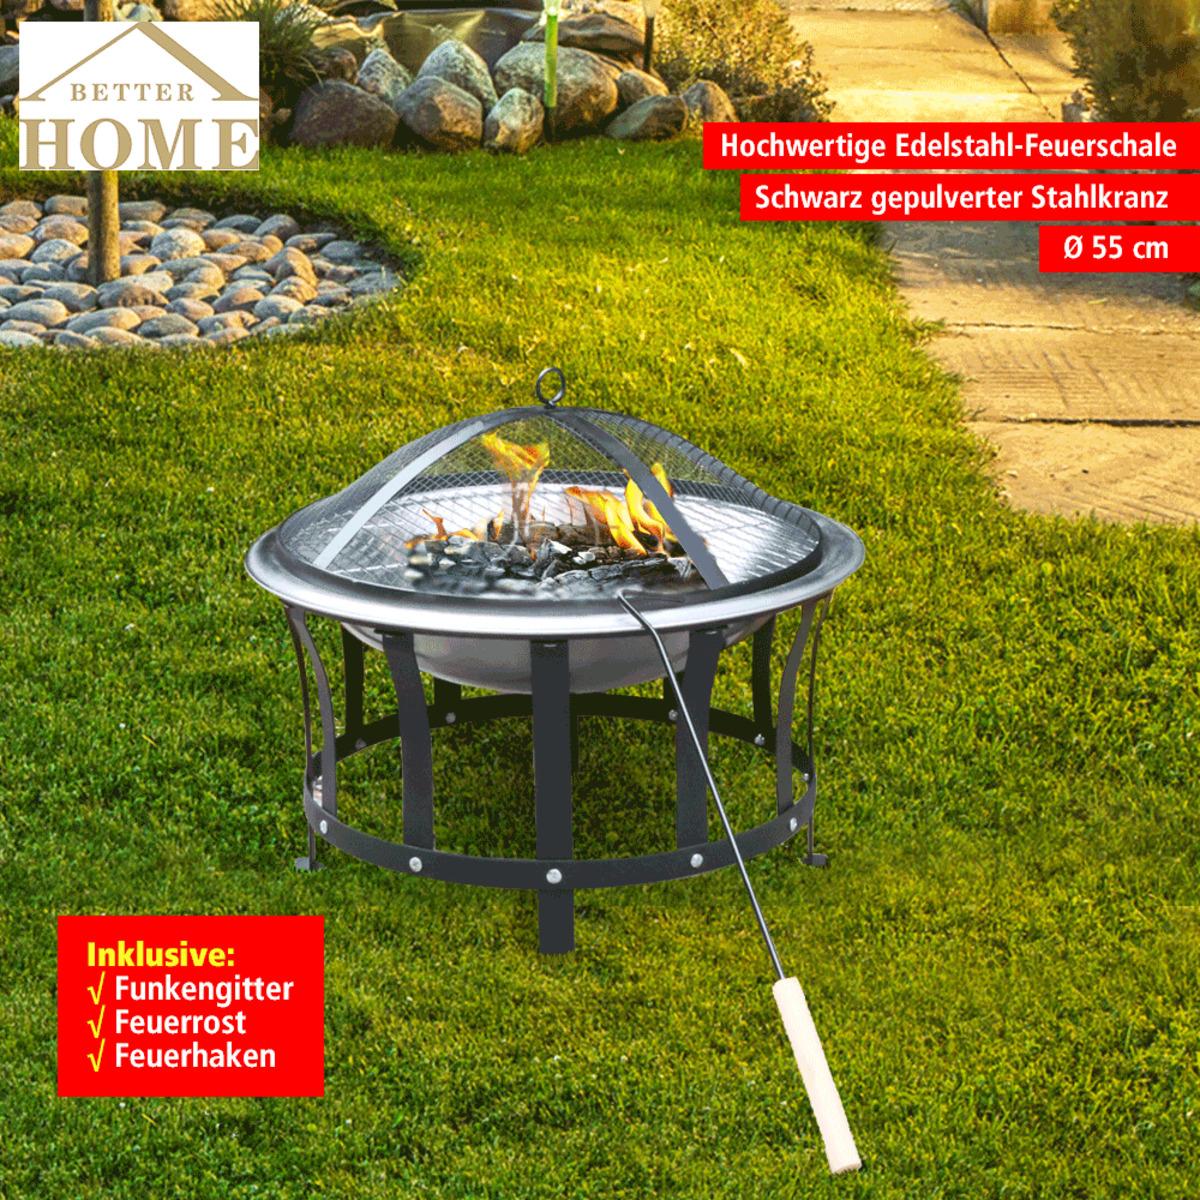 Bild 1 von Better Home Edelstahl-Feuerschale